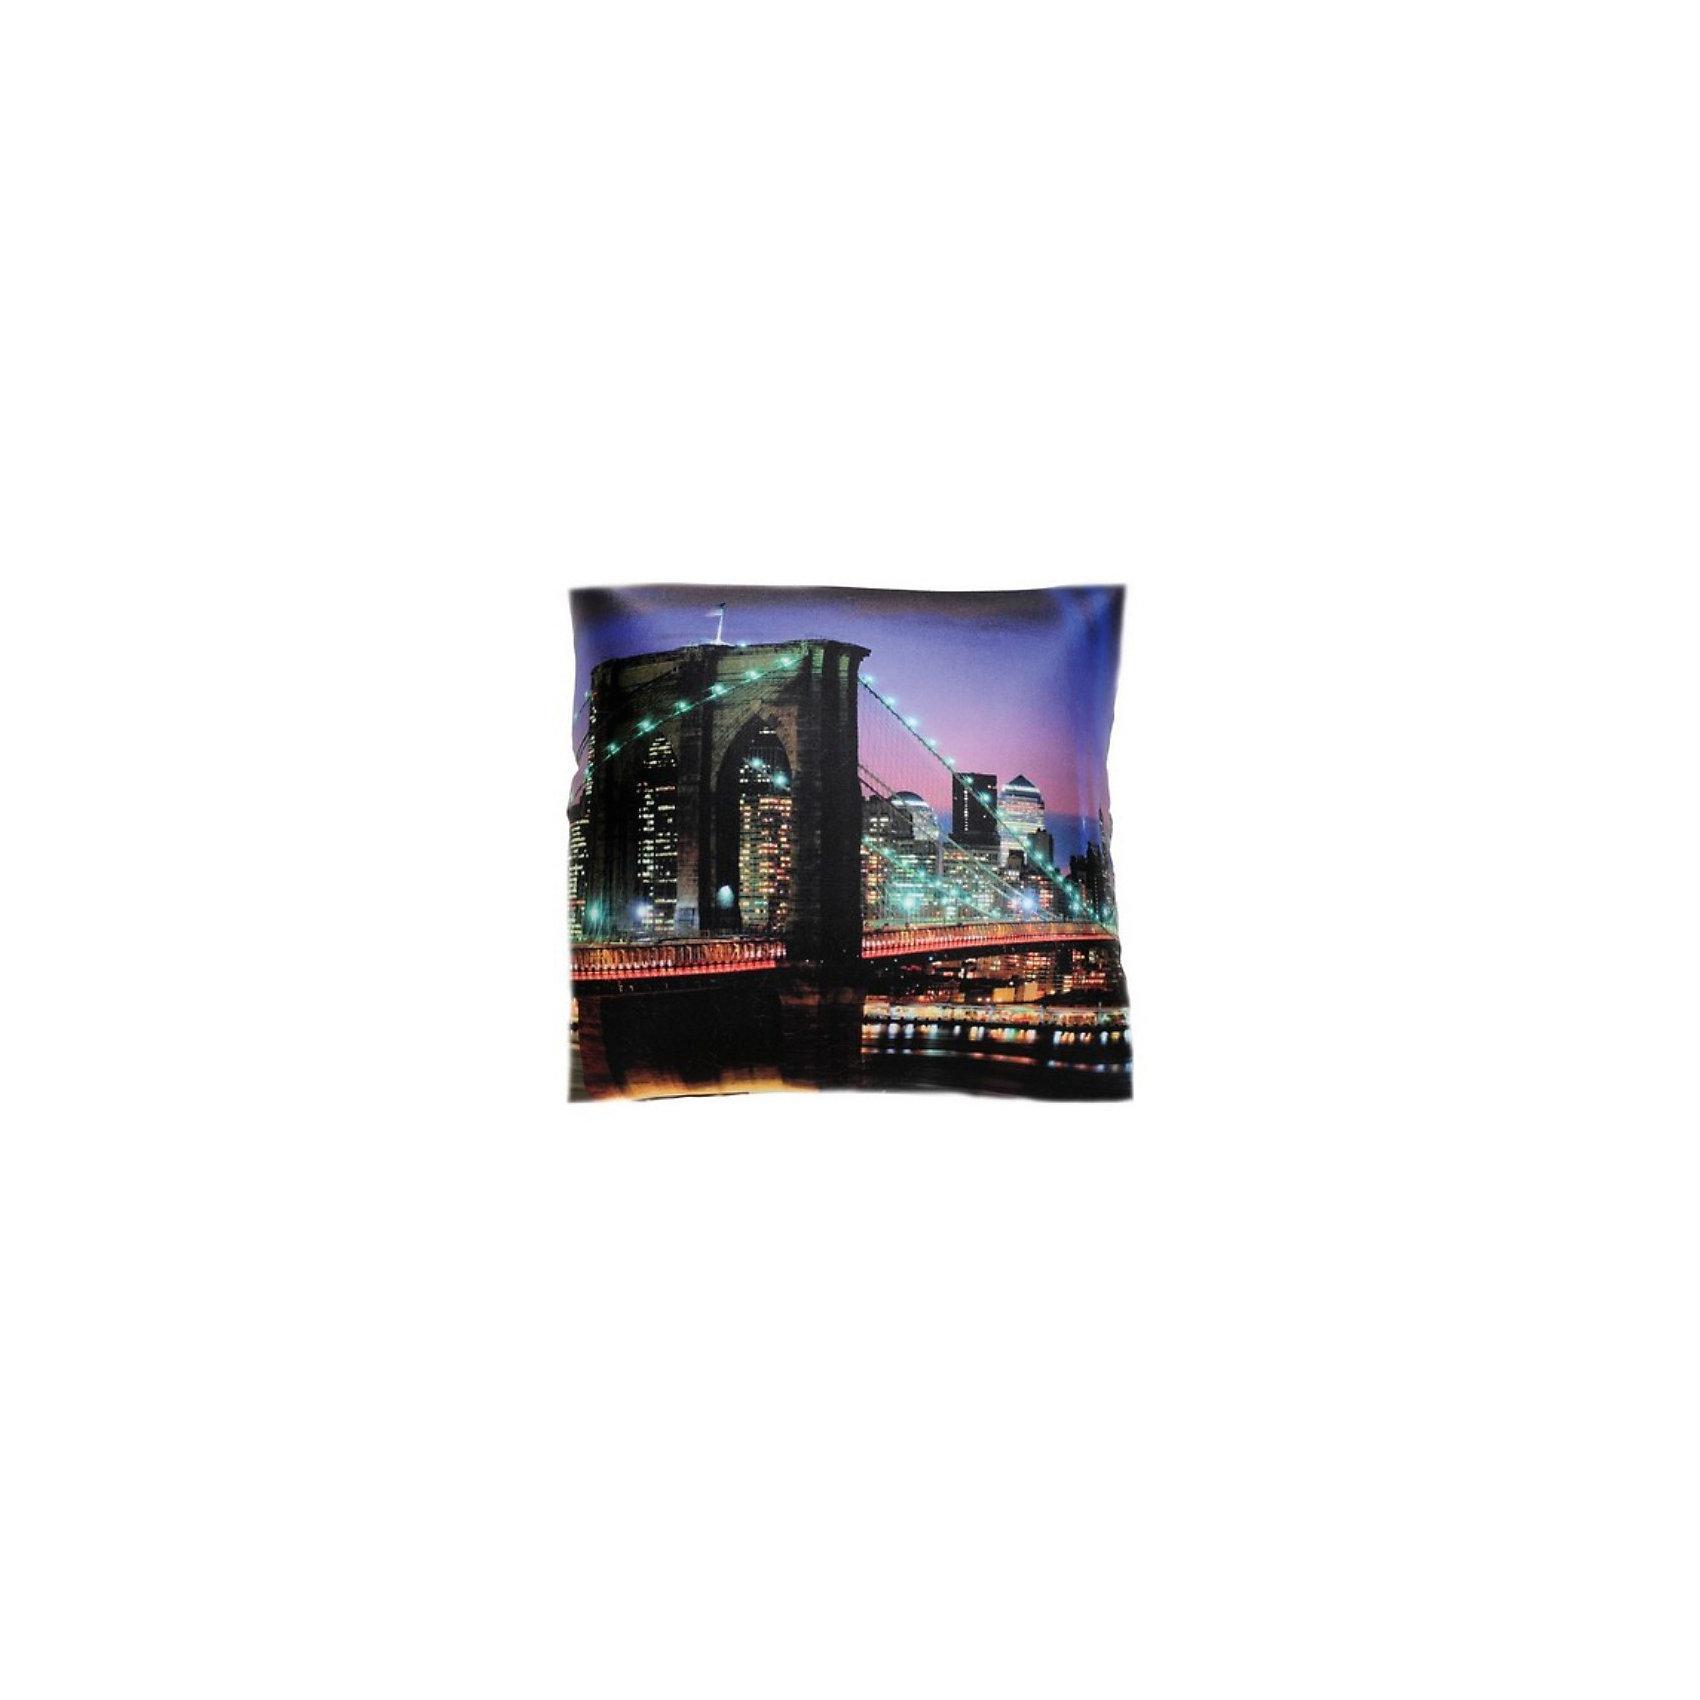 Подушка-антистресс «Ночной город» 35*35, СмолТойс